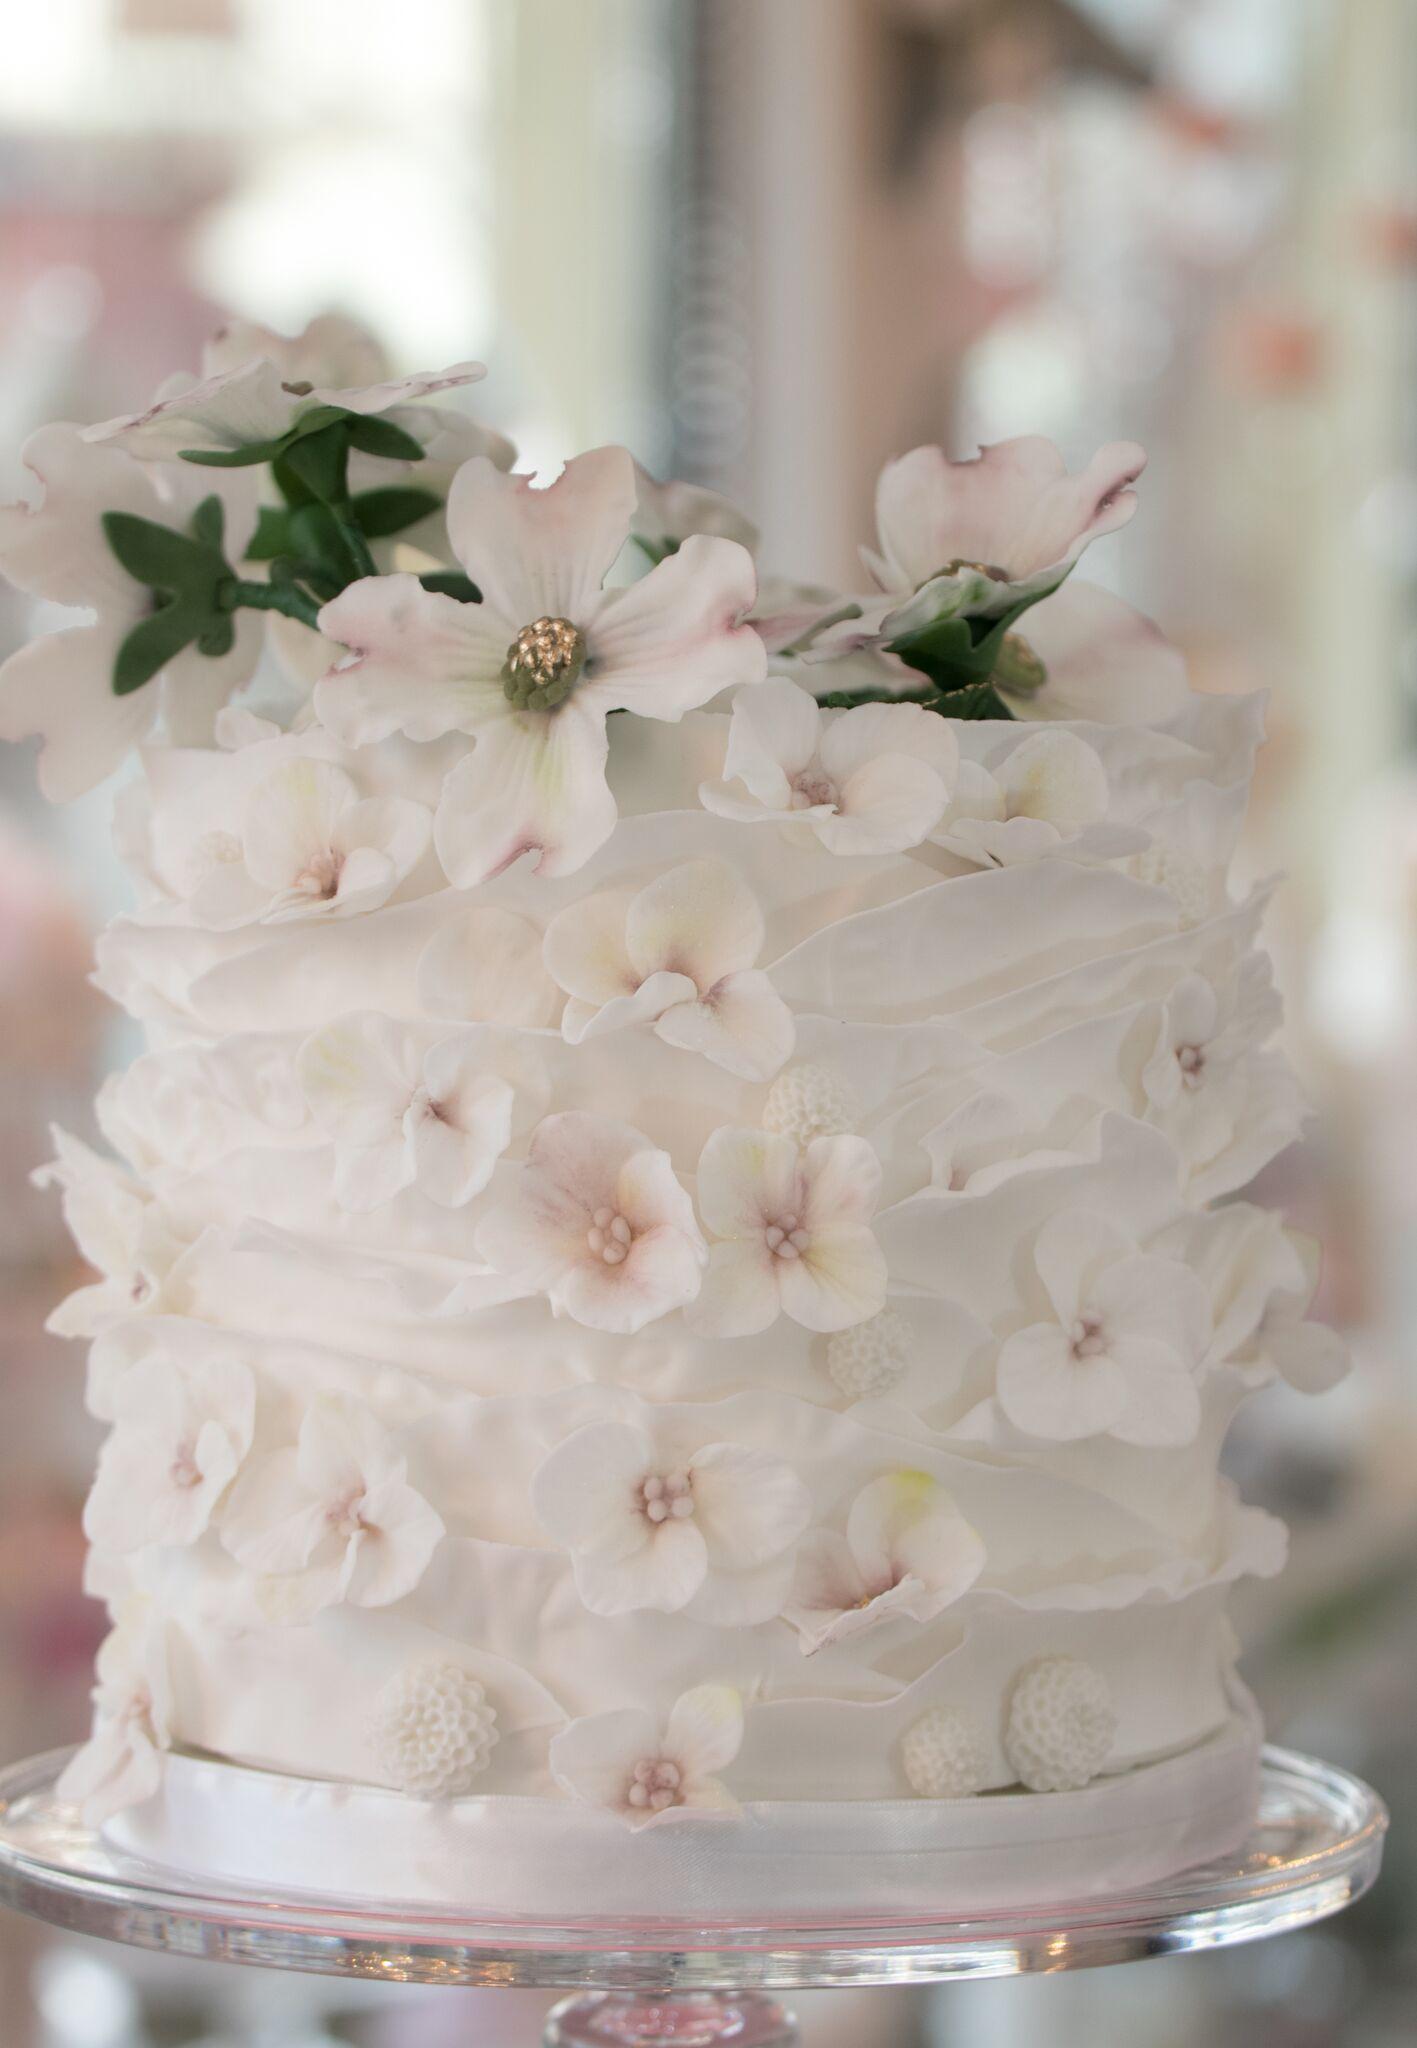 White and ivory ruffle wedding cake